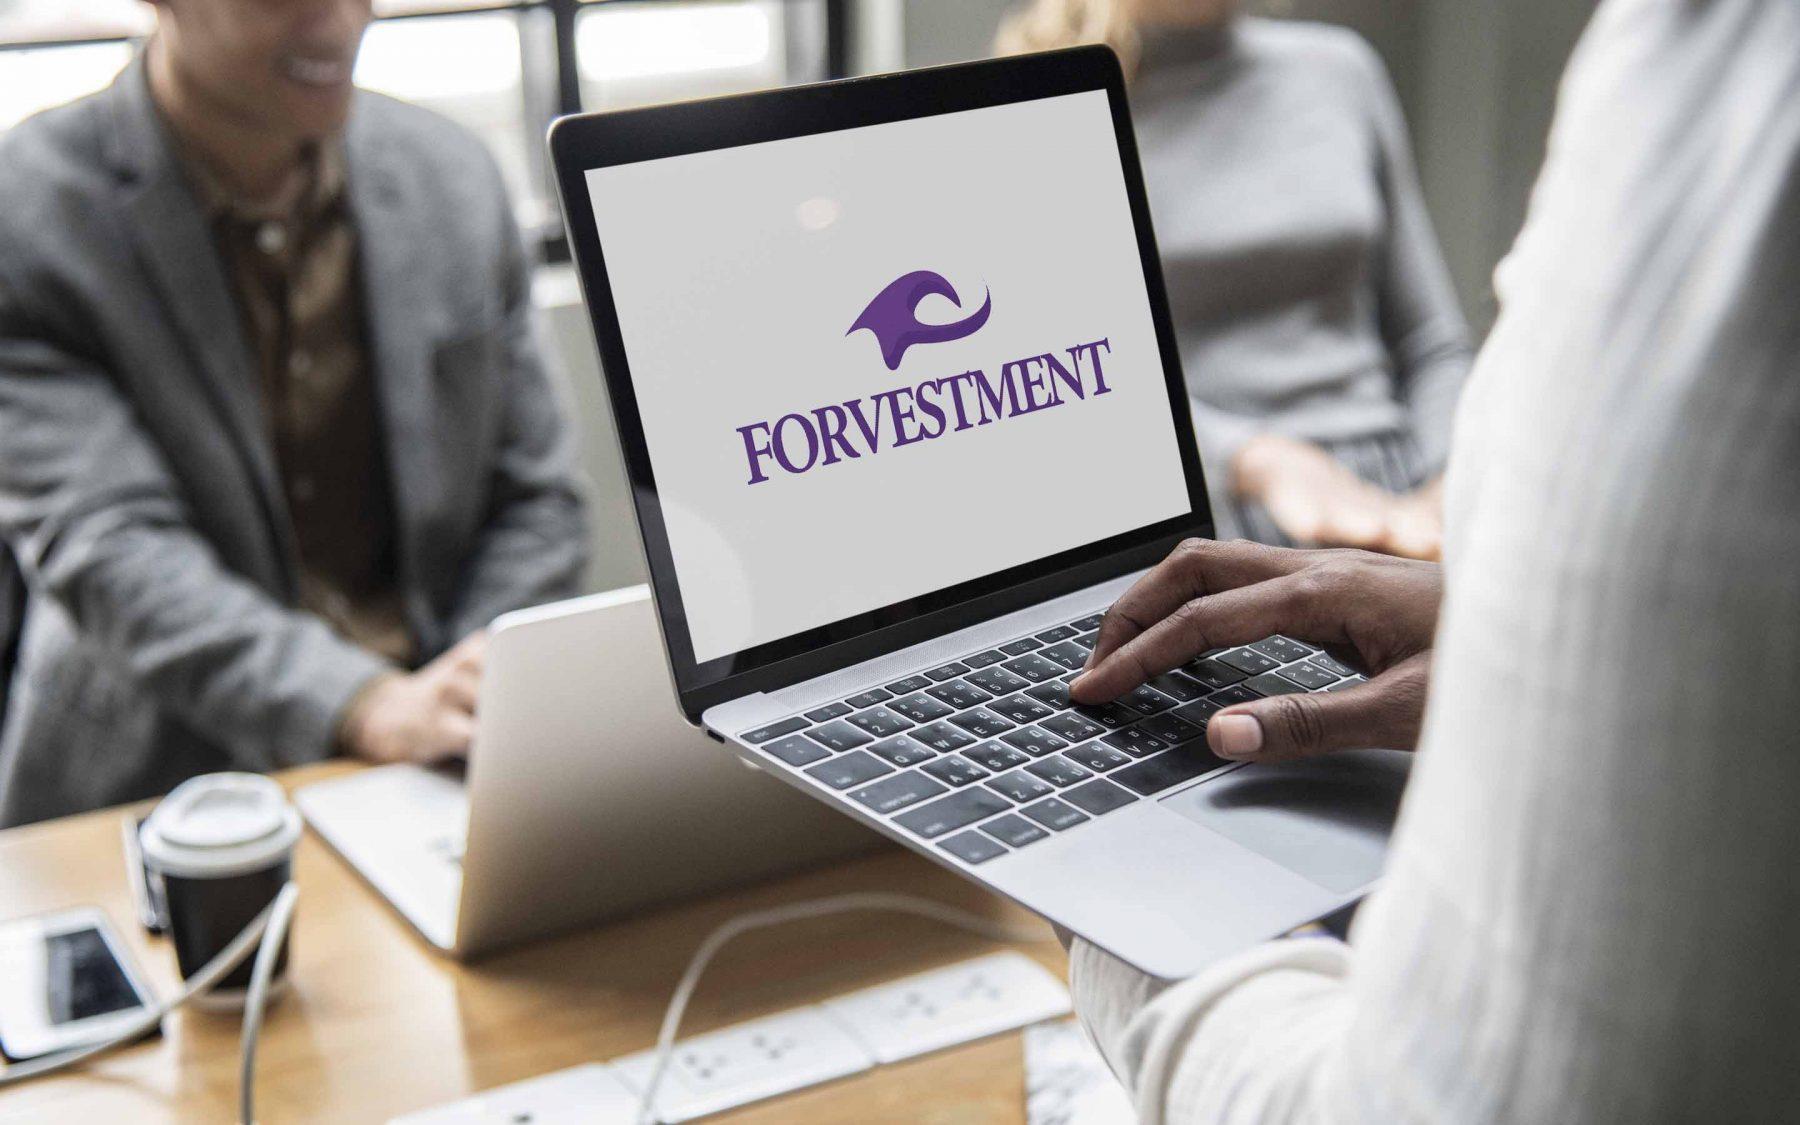 Forvestment 2